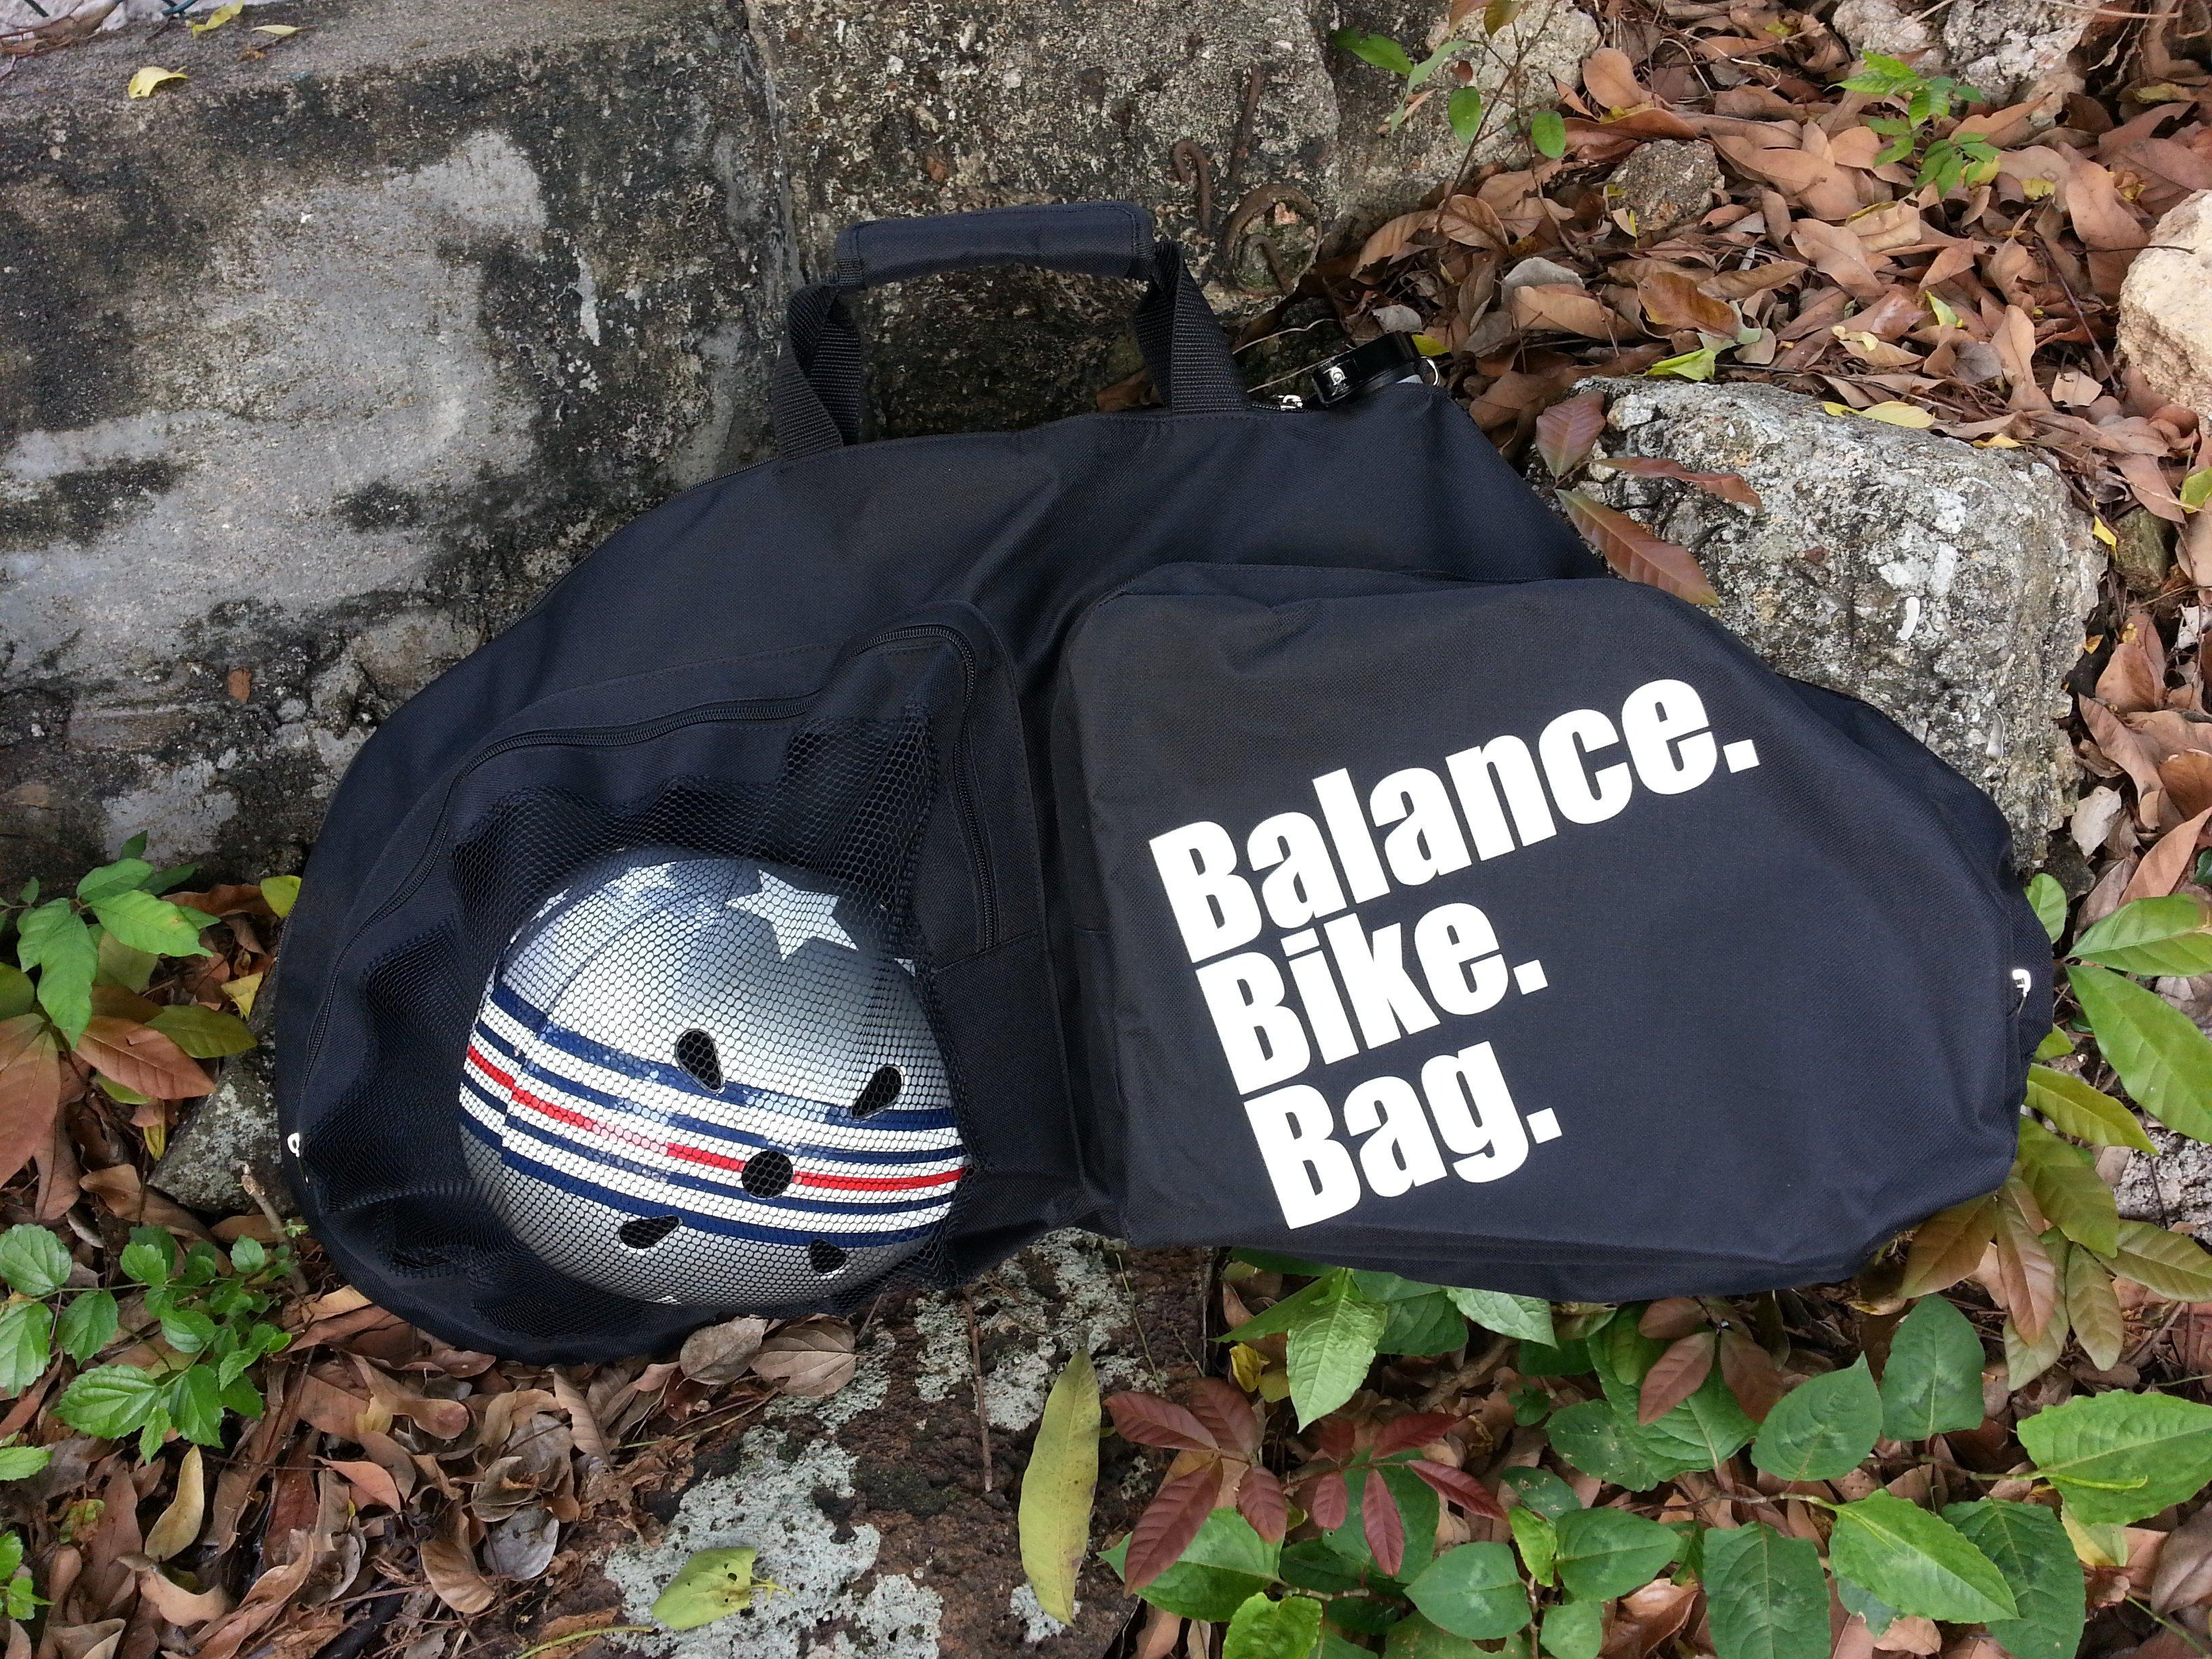 Selecting a Balance Bike Bag